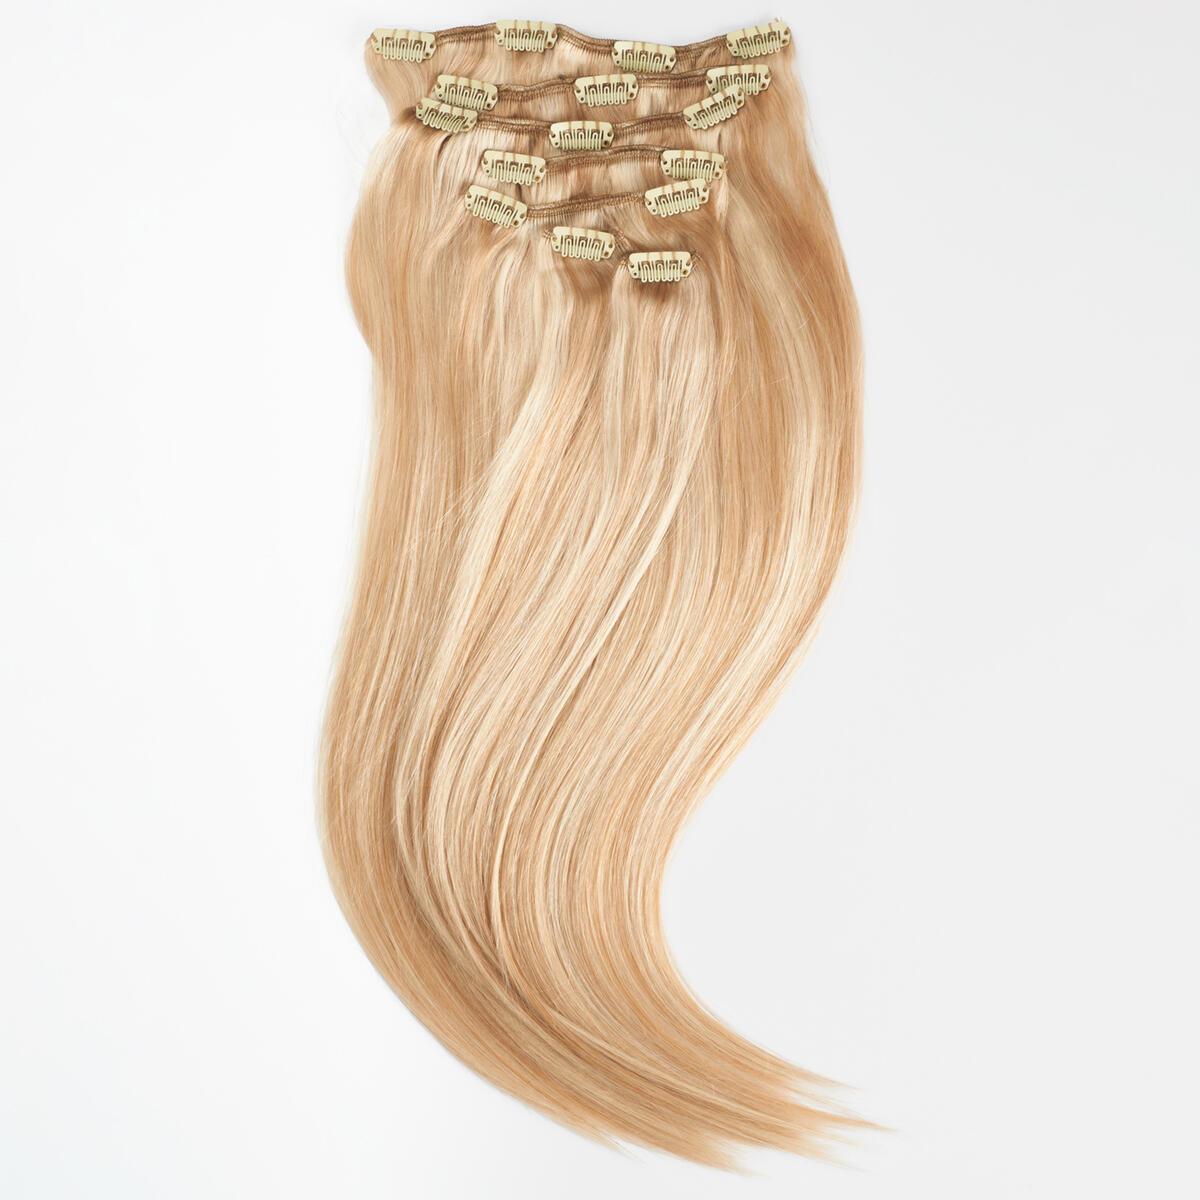 Włosy Clip-on - Zestawy